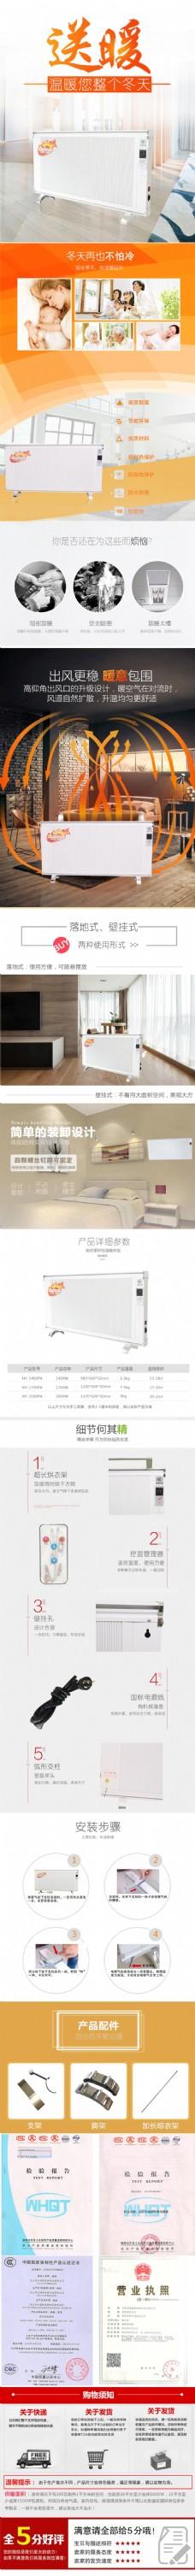 生活电器电暖器详情页淘宝电商